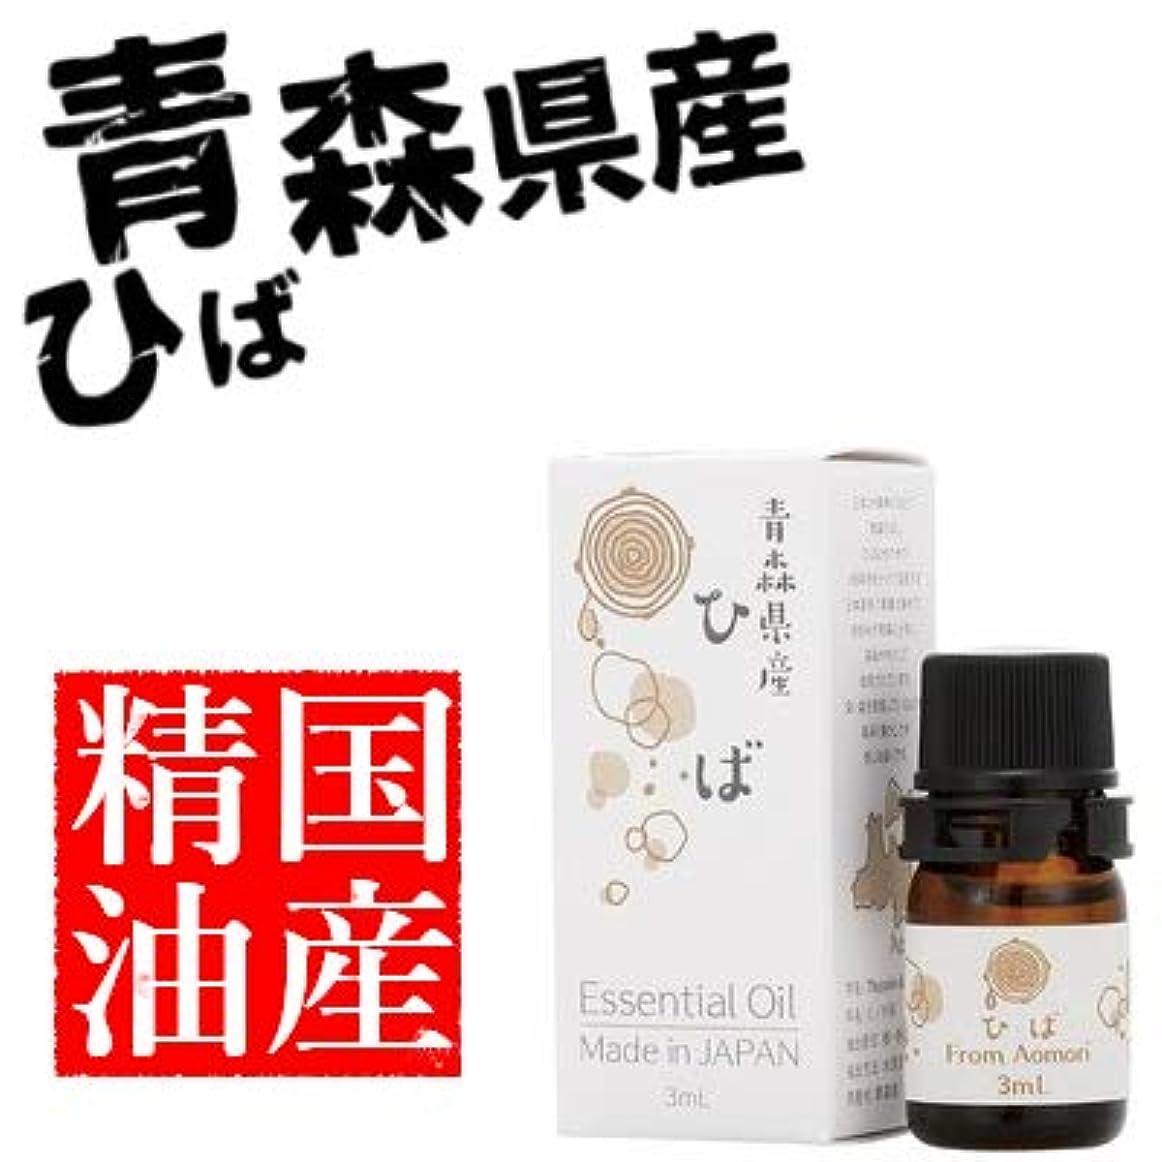 難民家族支配的日本の香りシリーズ エッセンシャルオイル 国産精油 (ひば)